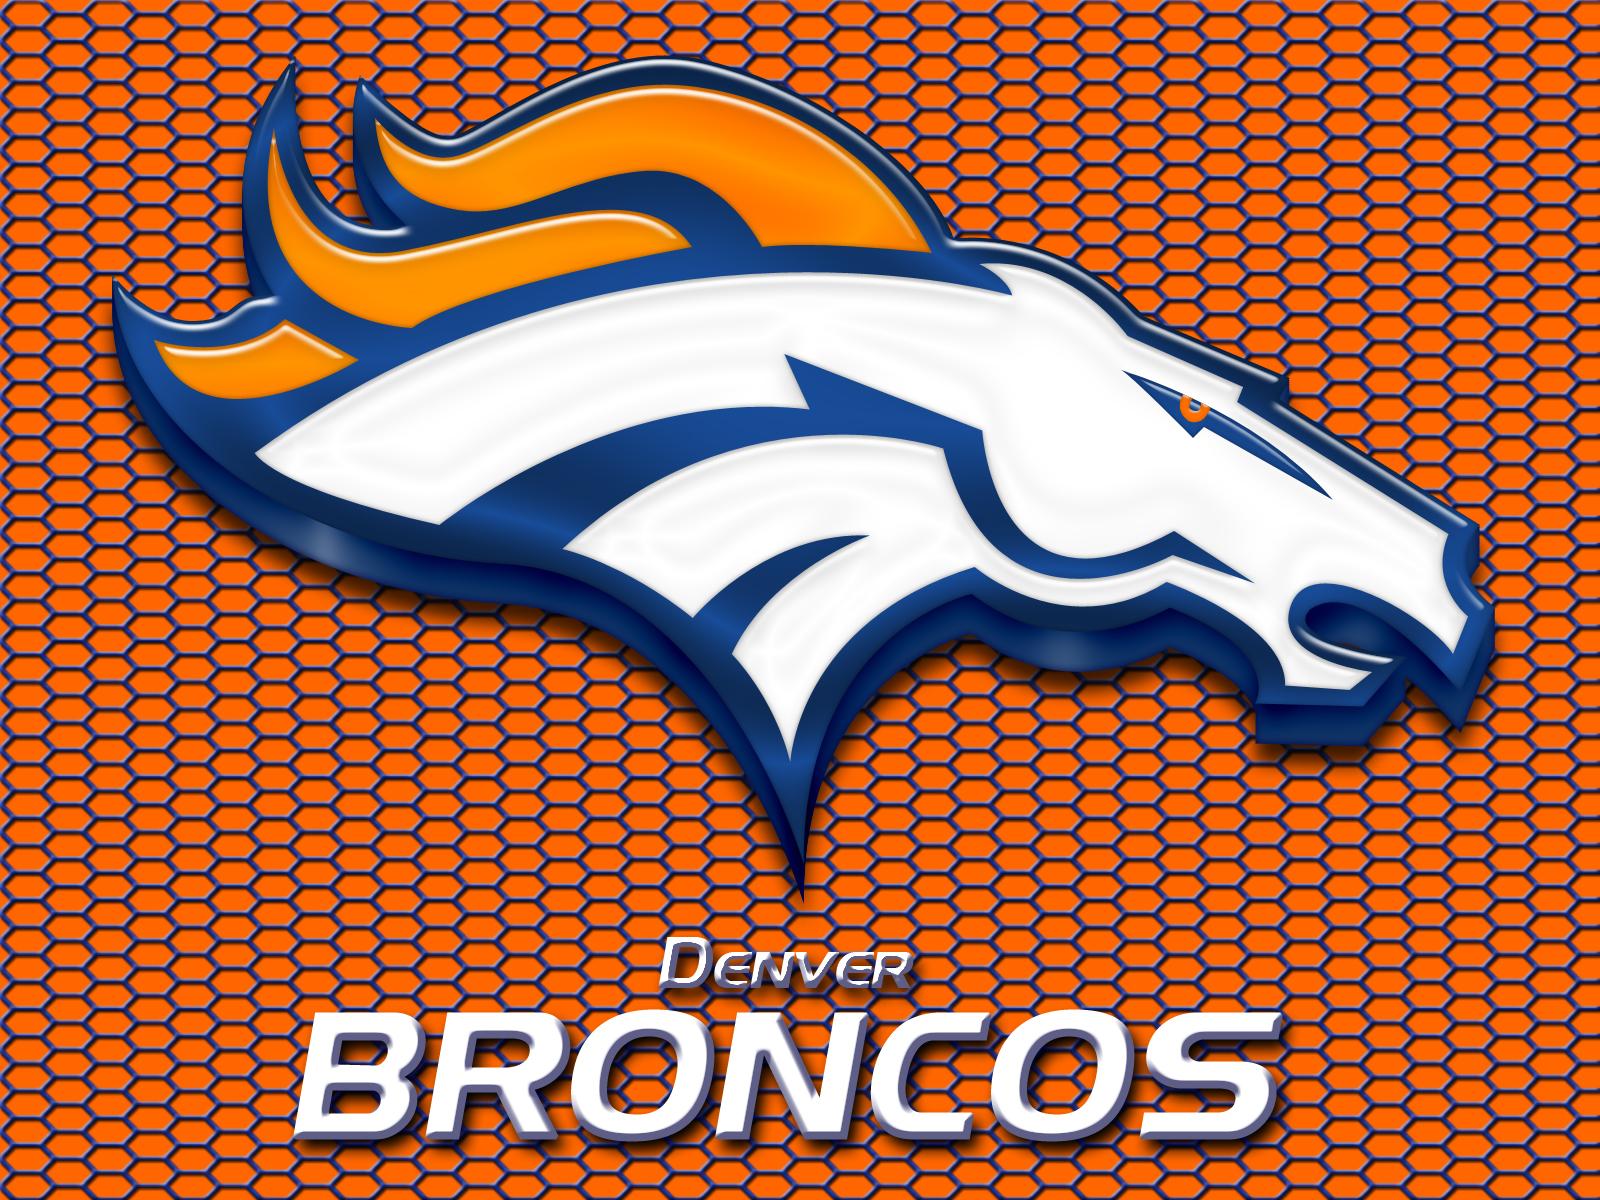 Denver Broncos background image Denver Broncos wallpapers 1600x1200